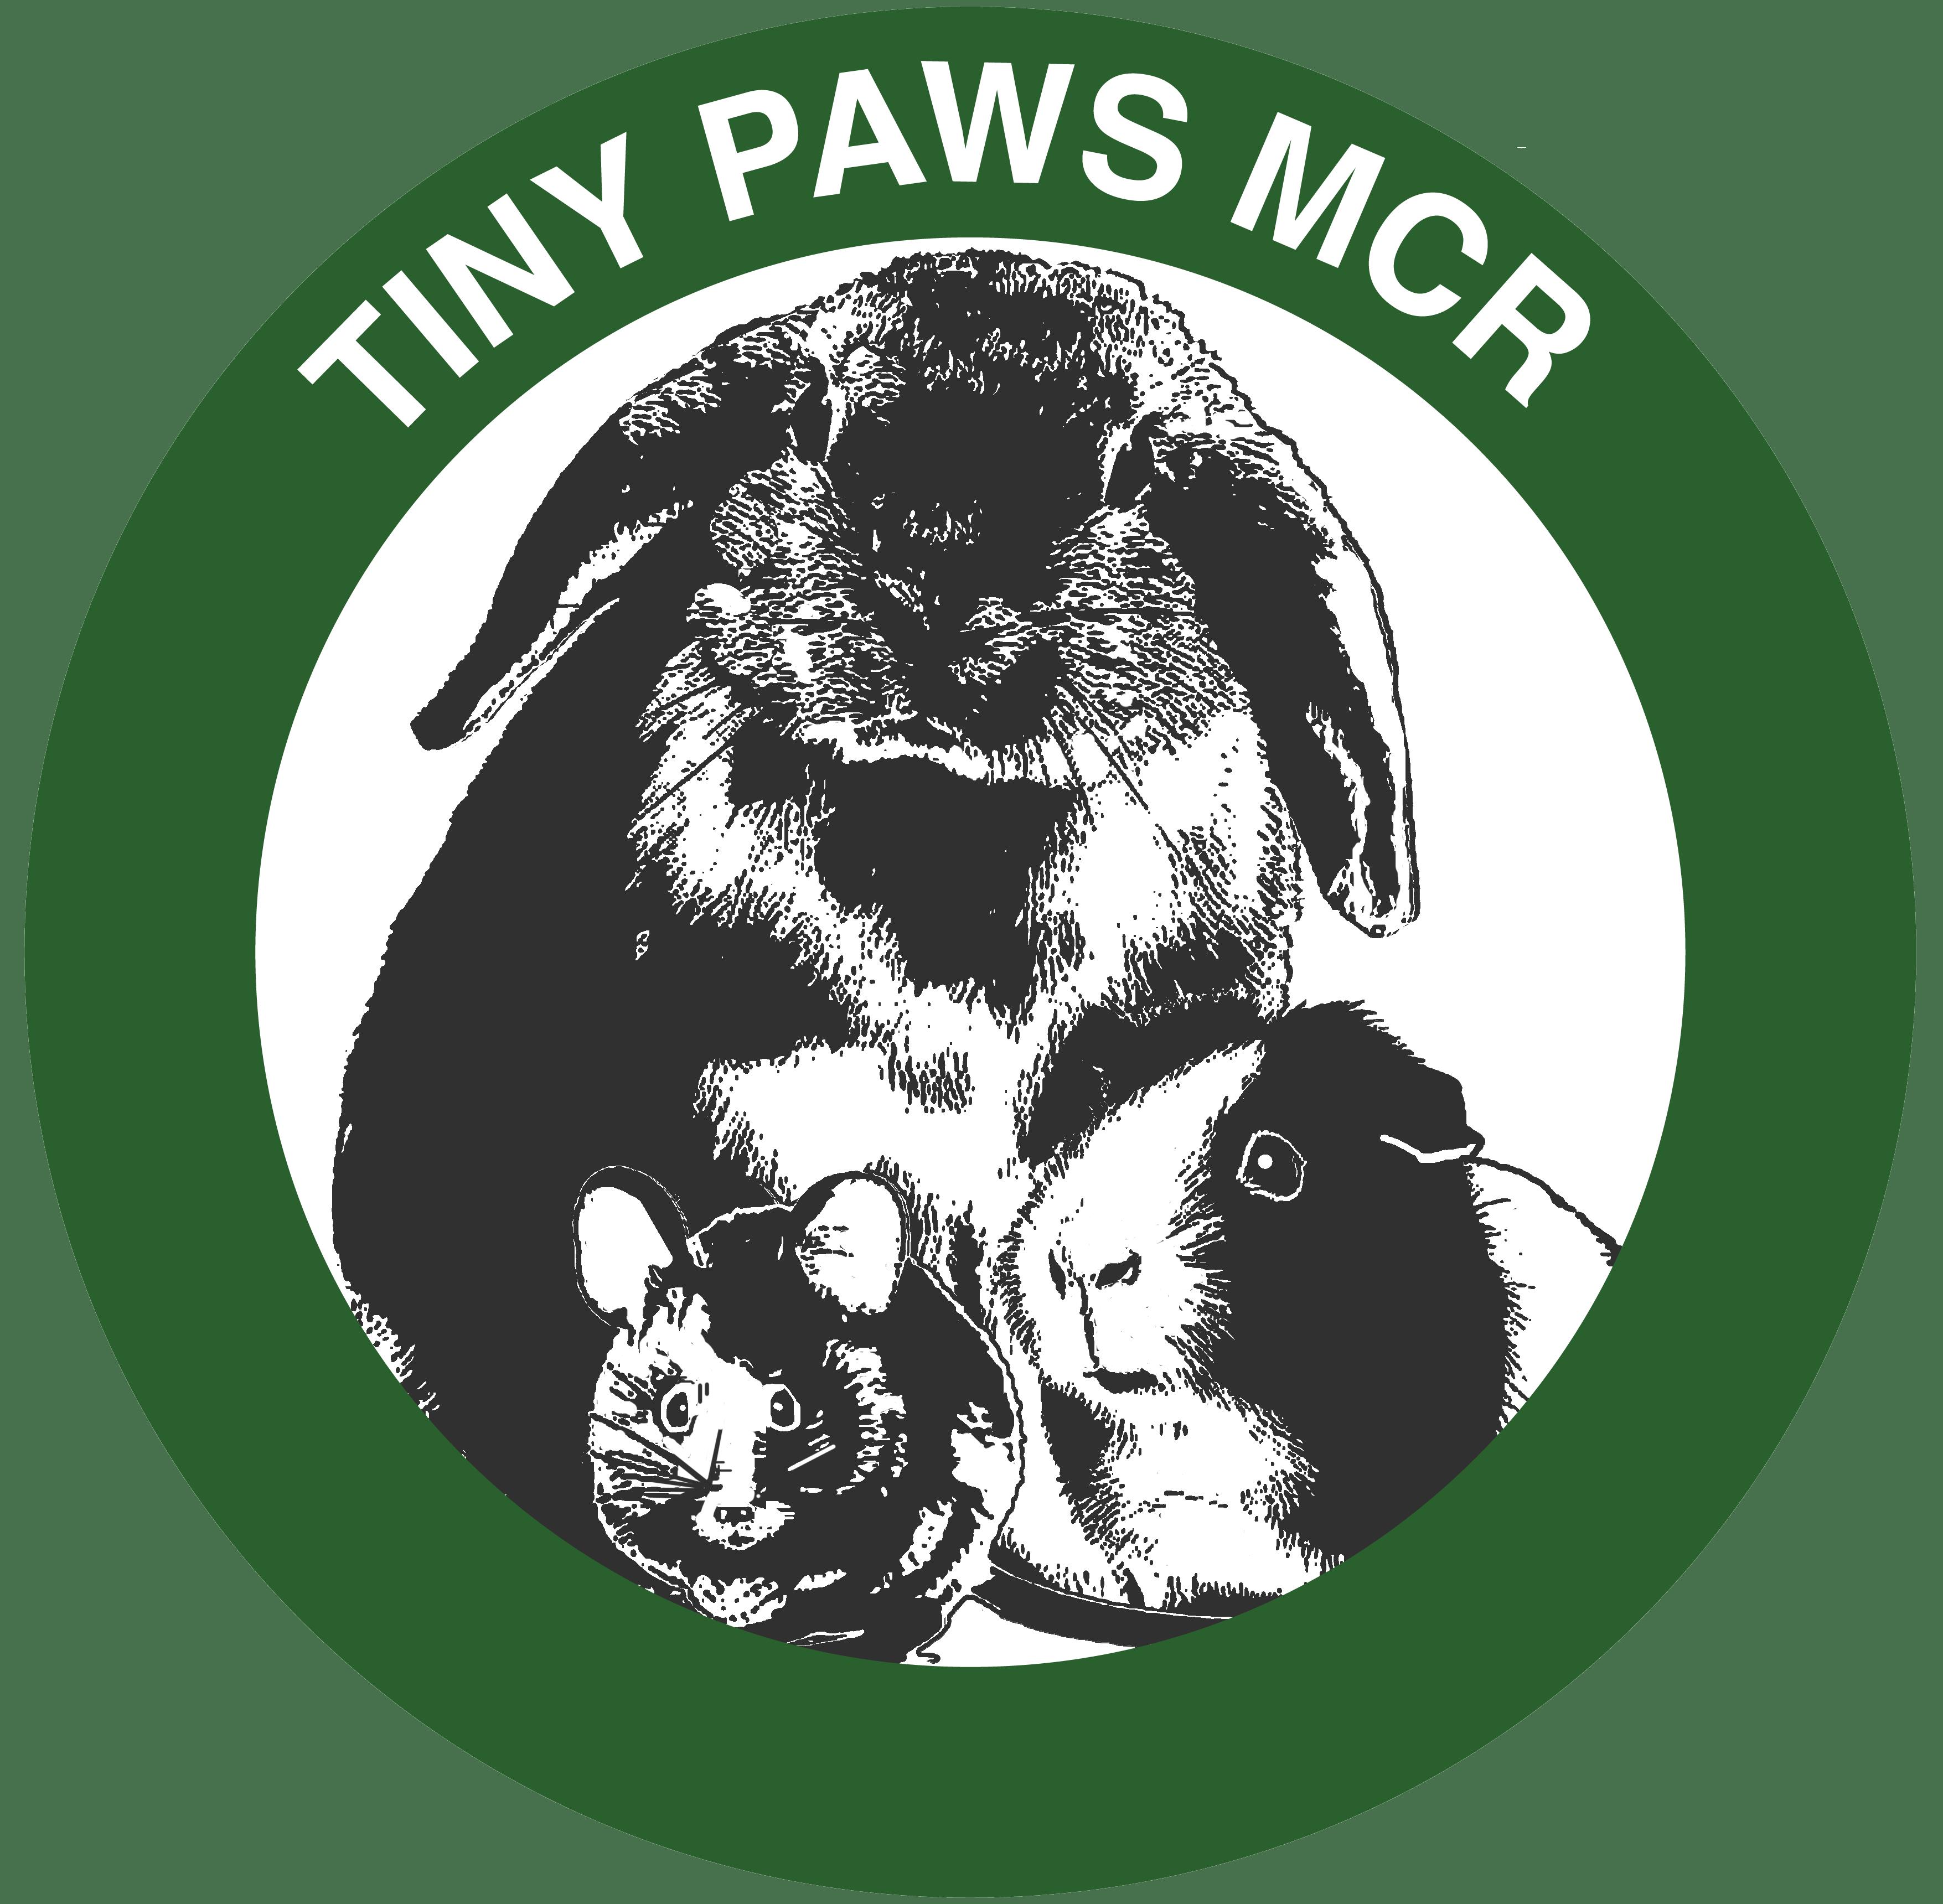 Tiny Paws MCR